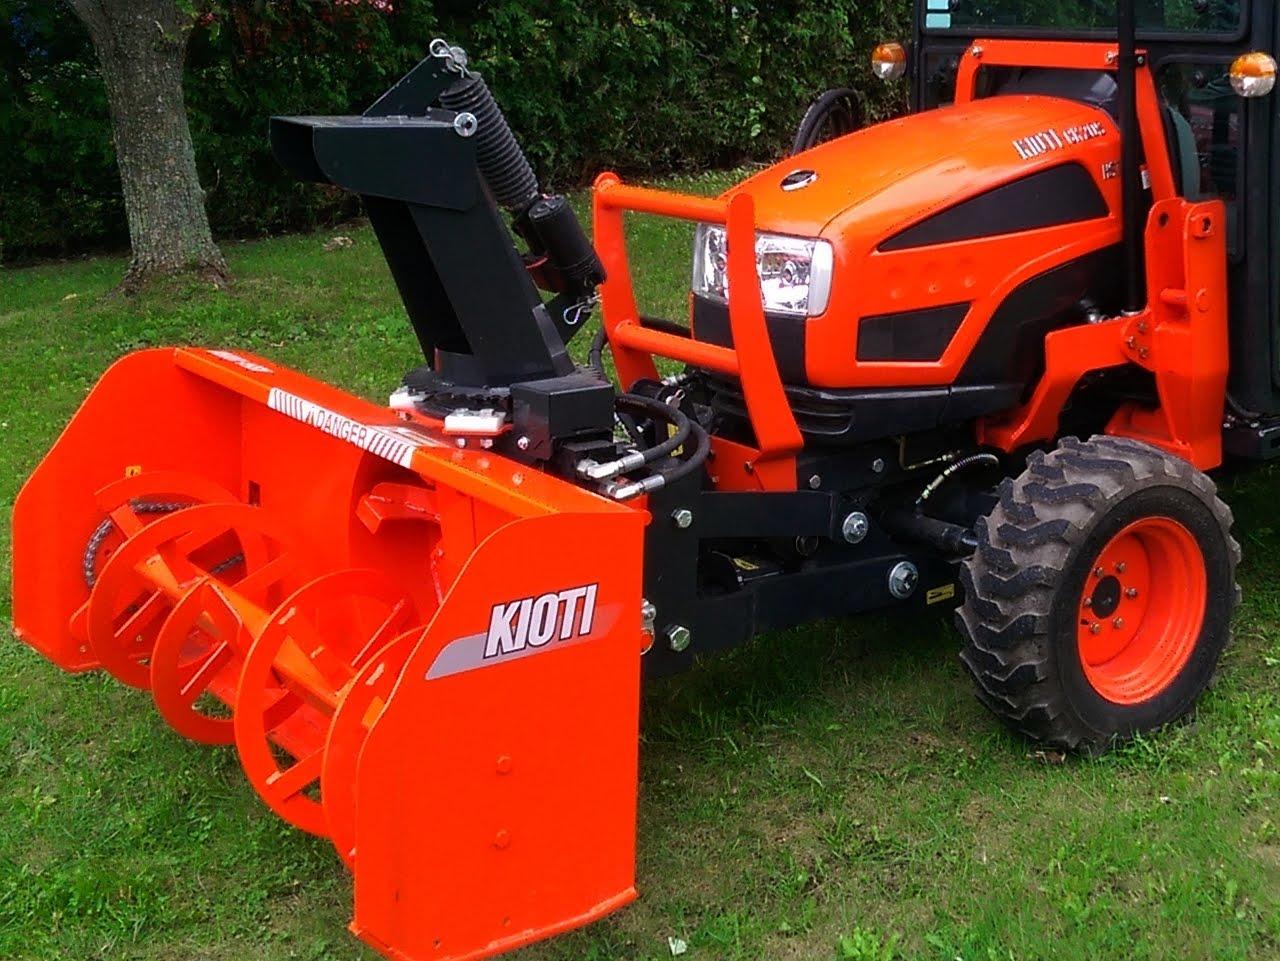 Kioti Ck20s Farm Tractor | Kioti Farm Tractors: Kioti Farm Tractors